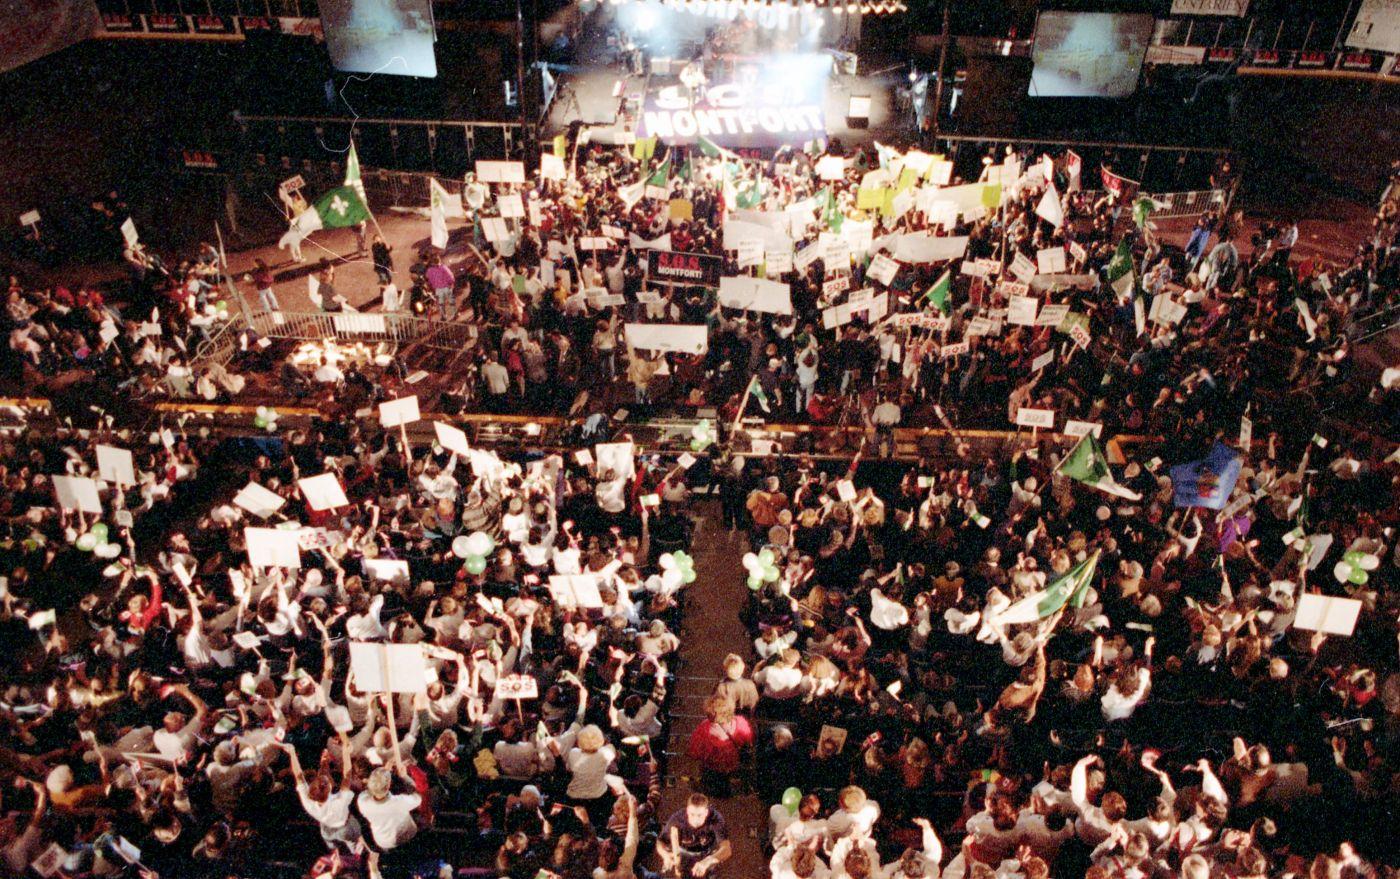 Photographie en couleur d'une foule importante, au pied d'une scène. Il est écrit « S.O.S. Montfort » sur le plancher de la scène. La foule brandit des drapeaux franco-ontariens ainsi que des ballons verts et blancs et des pancartes affichant le slogan « S.O.S. Montfort ».